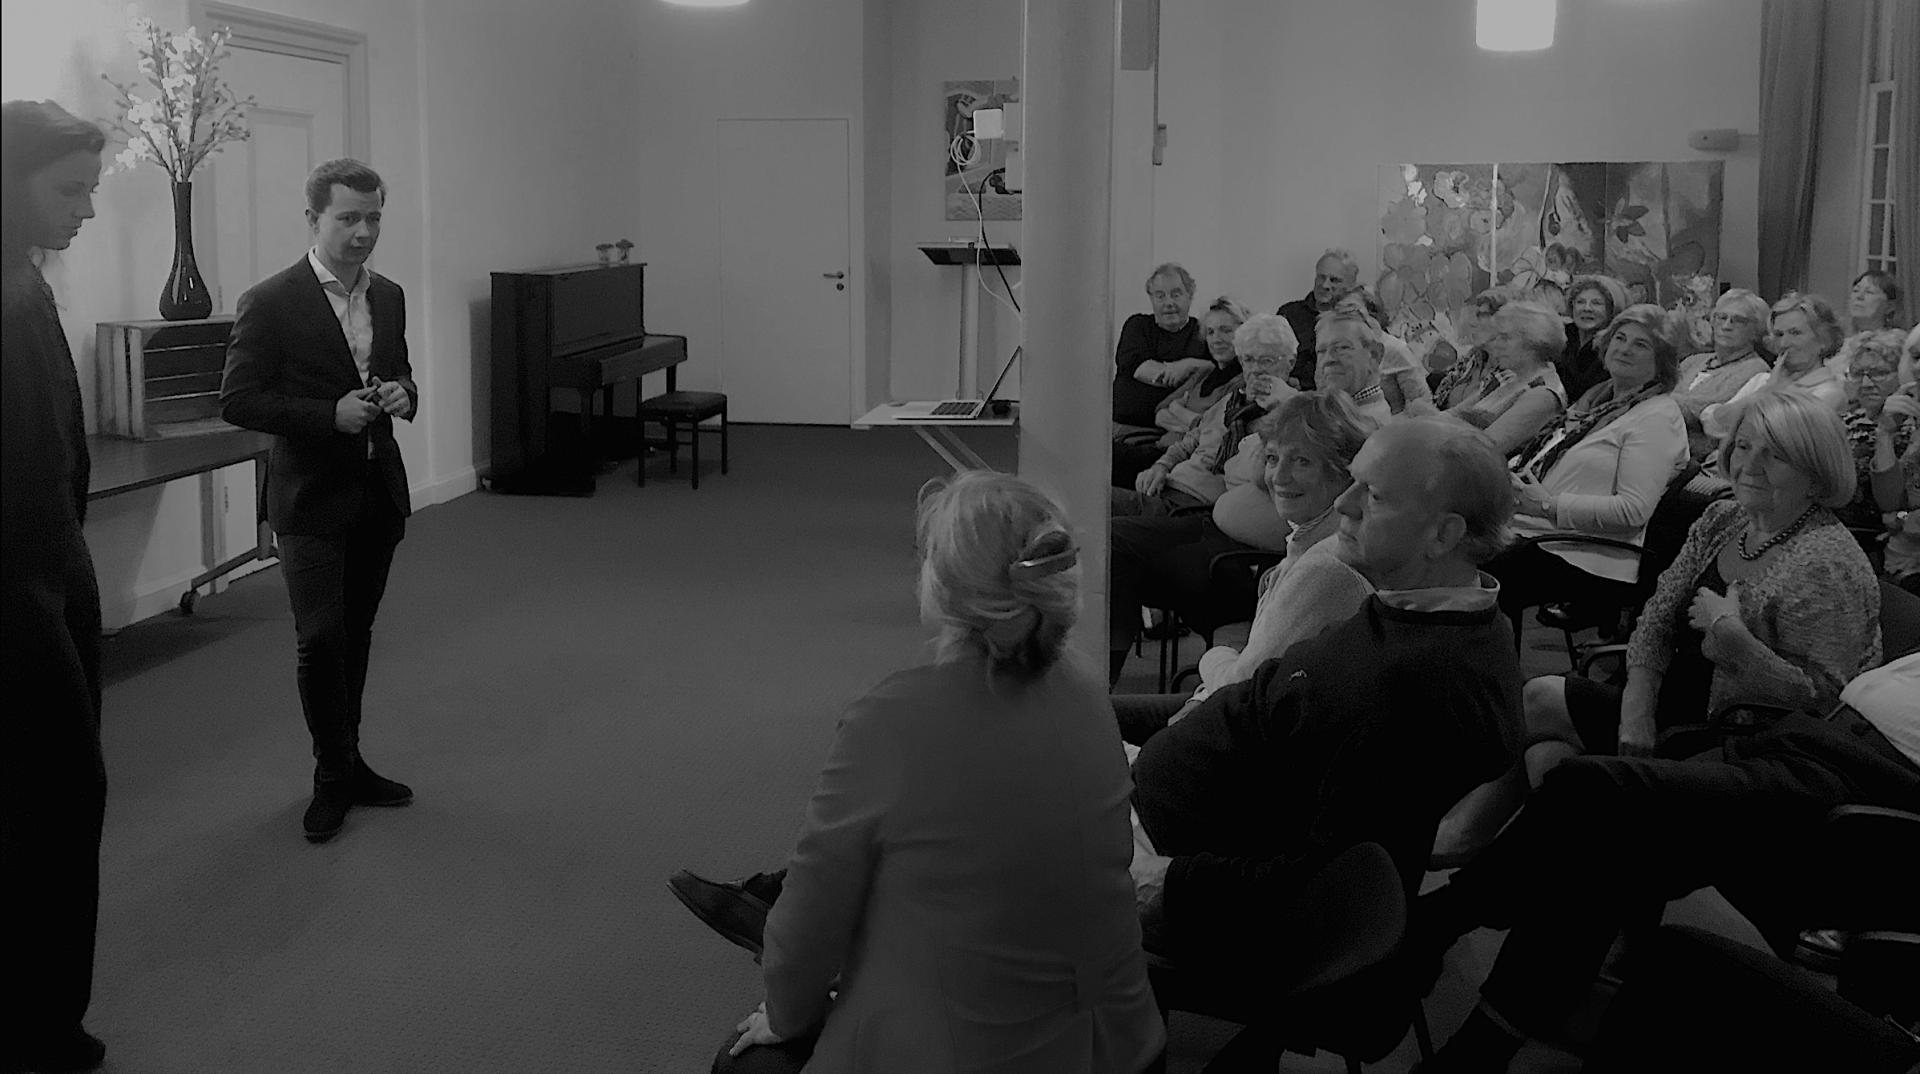 COREKEES SPEAKER AT ONE OF NETHERLANDS' ELDEST GENTLEMEN SOCIETIES